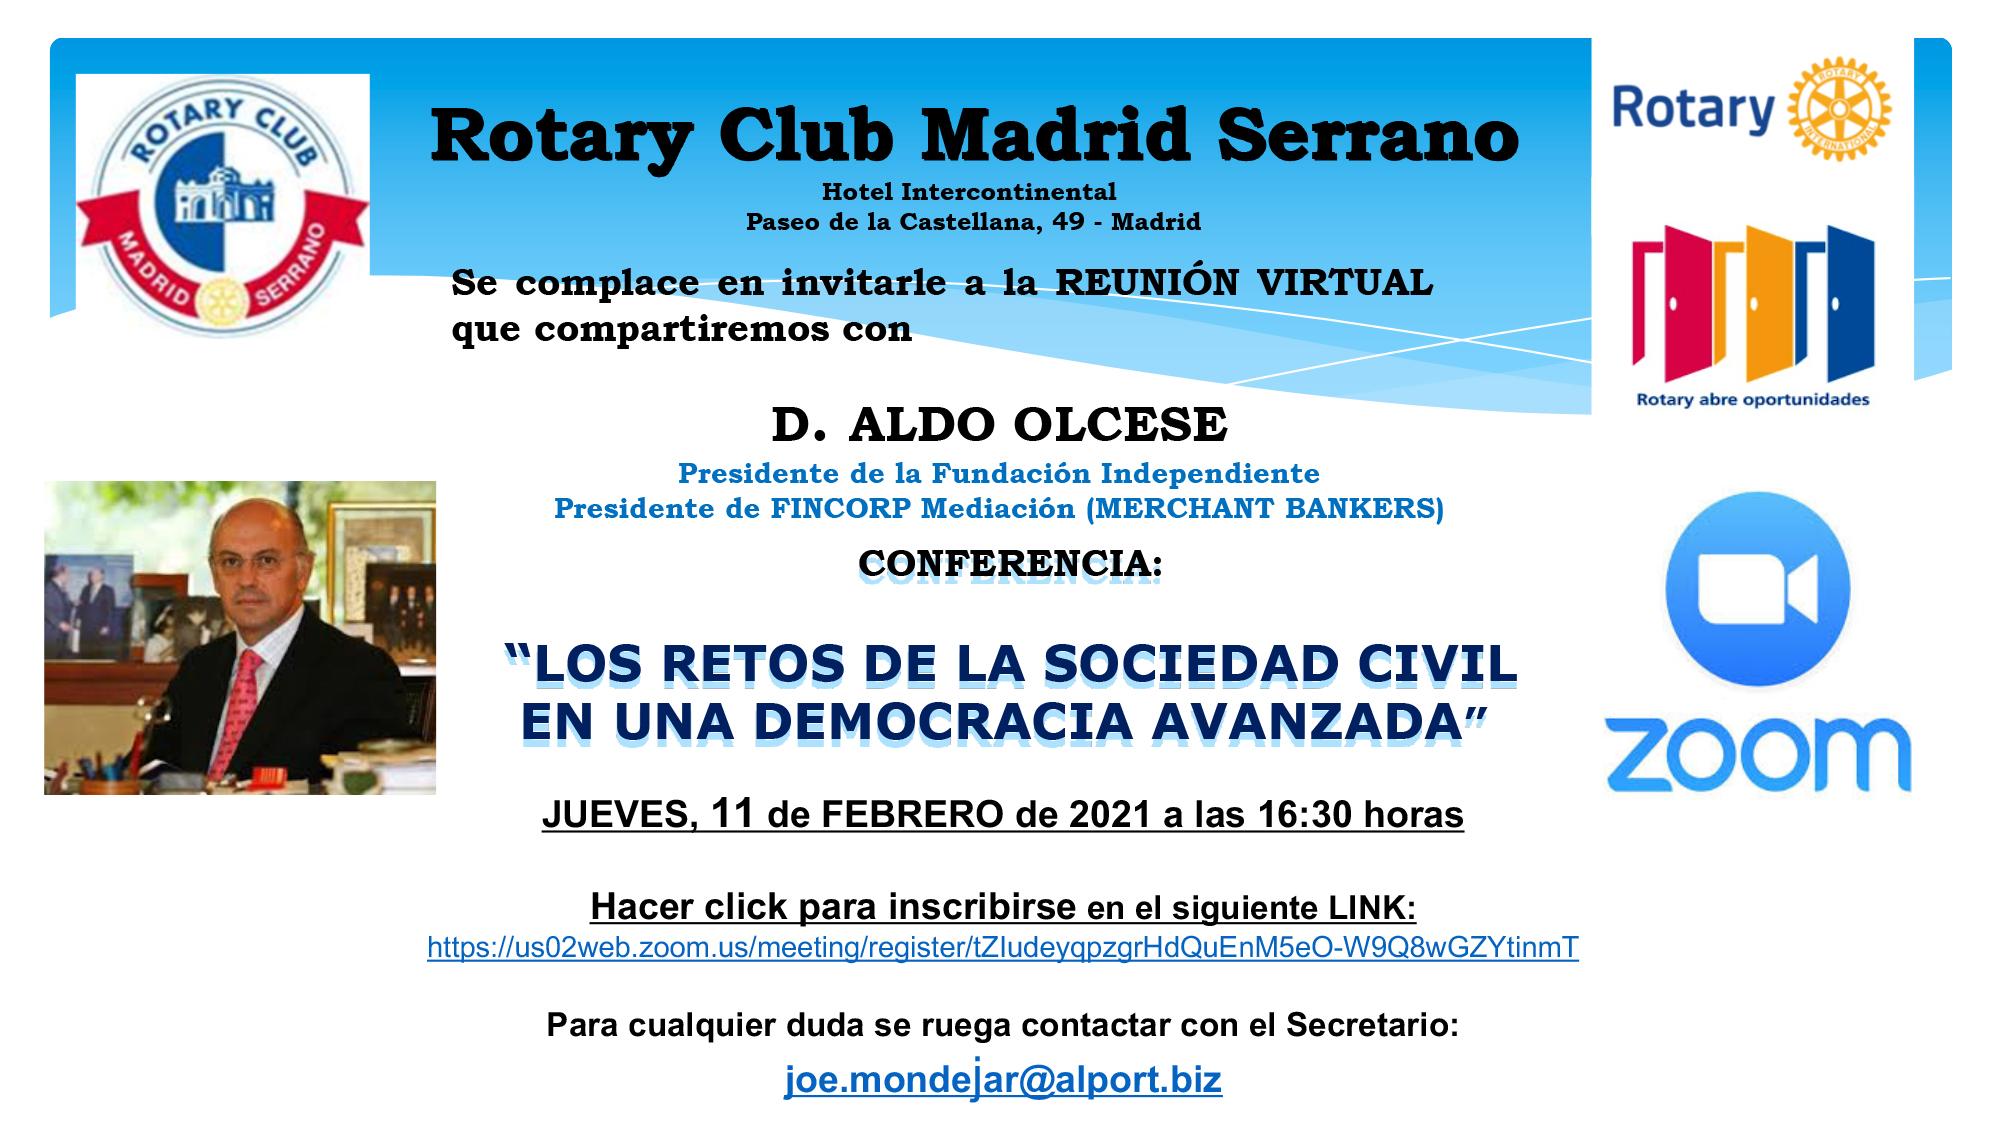 INVITACION REUNIÓN ROTARY CLUB MADRID SERRANO CONFERENCIA D. AL